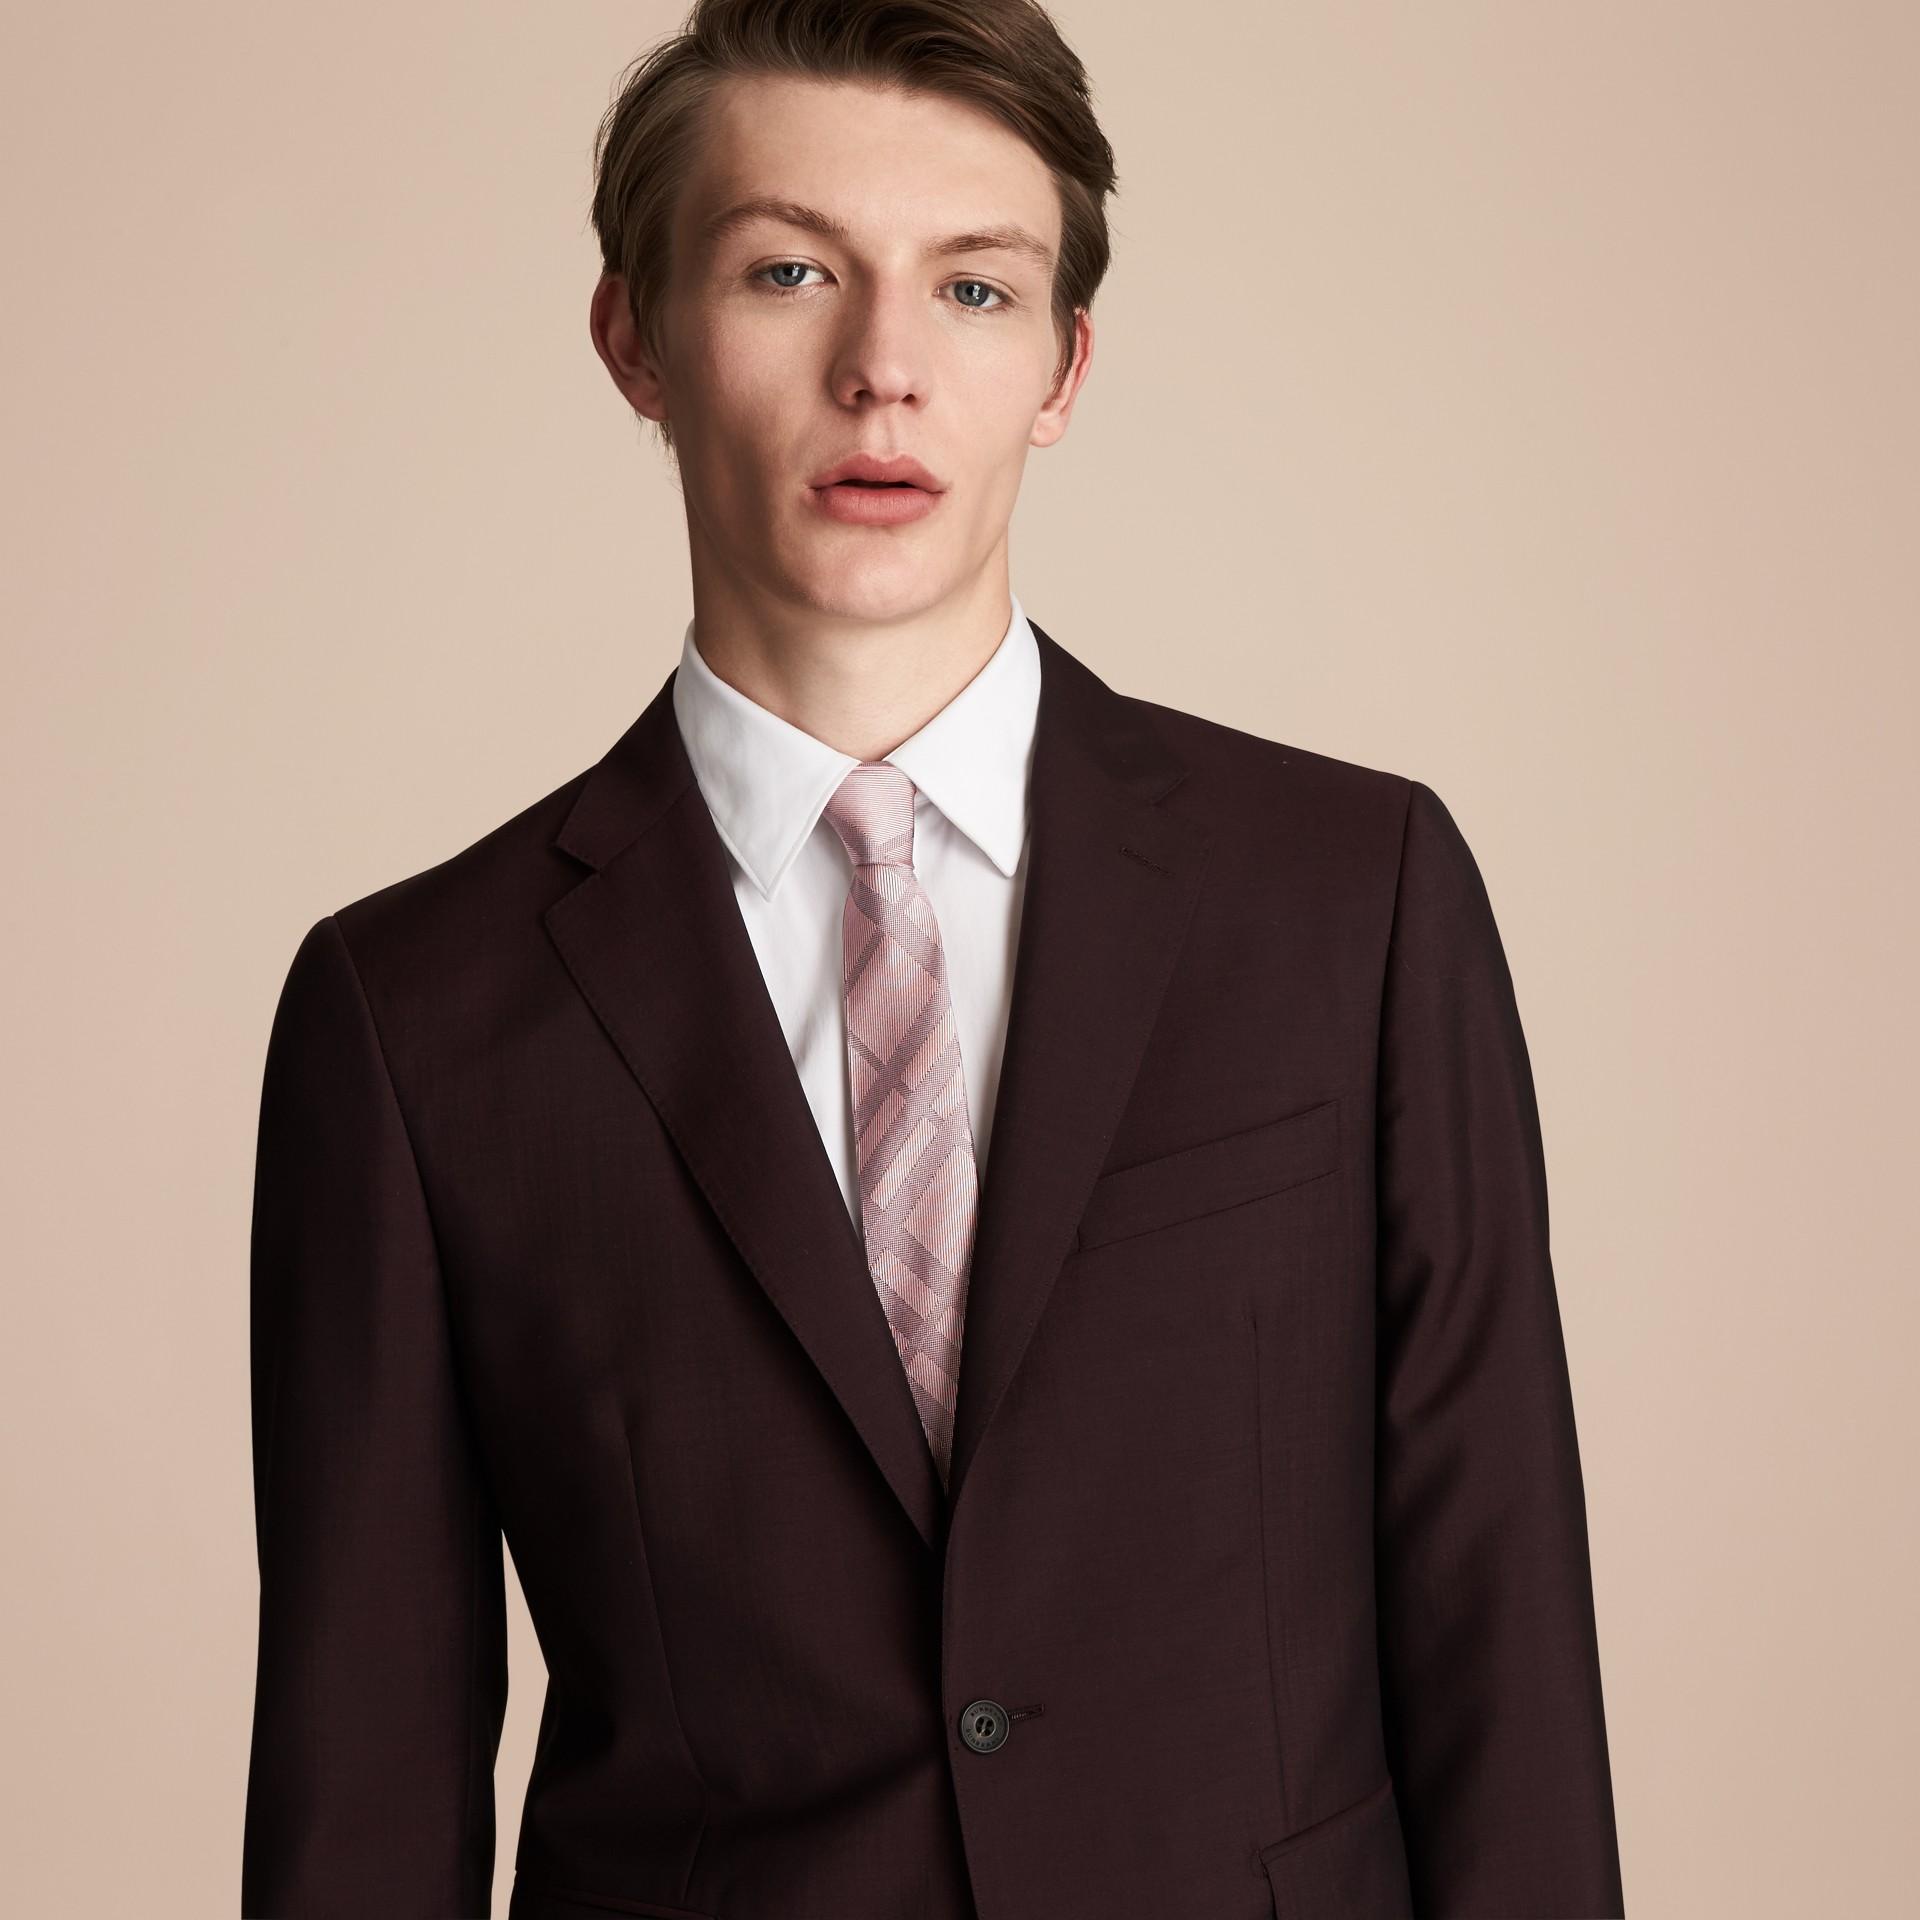 Gravata de sarja de seda com estampa xadrez em jacquard e corte moderno (Rosa Malva) - Homens | Burberry - galeria de imagens 3